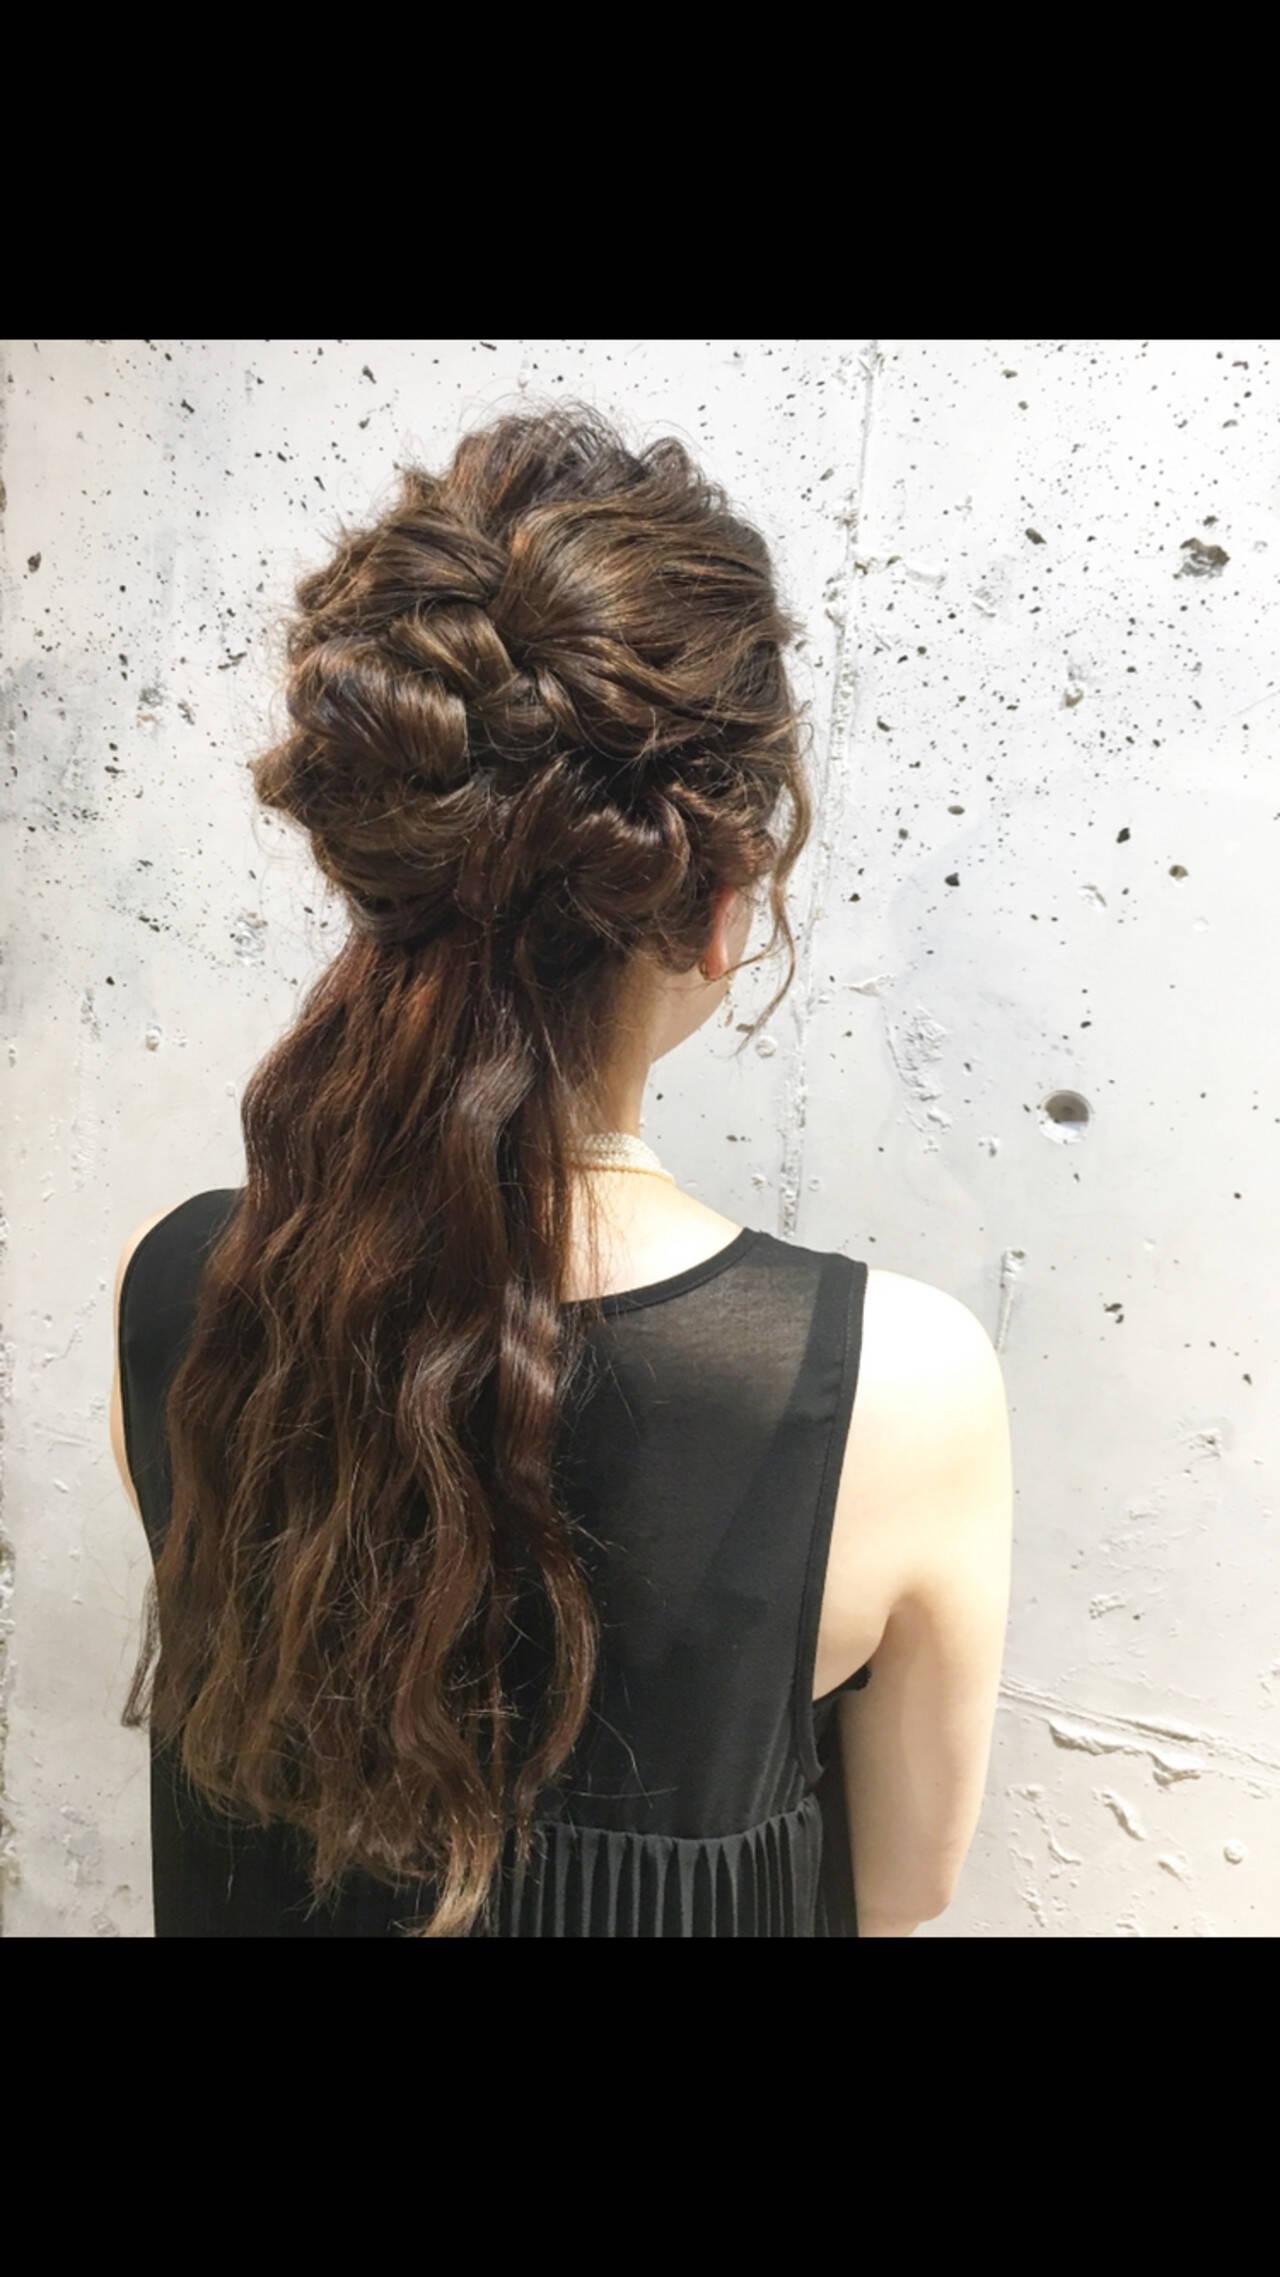 ヘアアレンジ ロング エレガント 簡単ヘアアレンジヘアスタイルや髪型の写真・画像